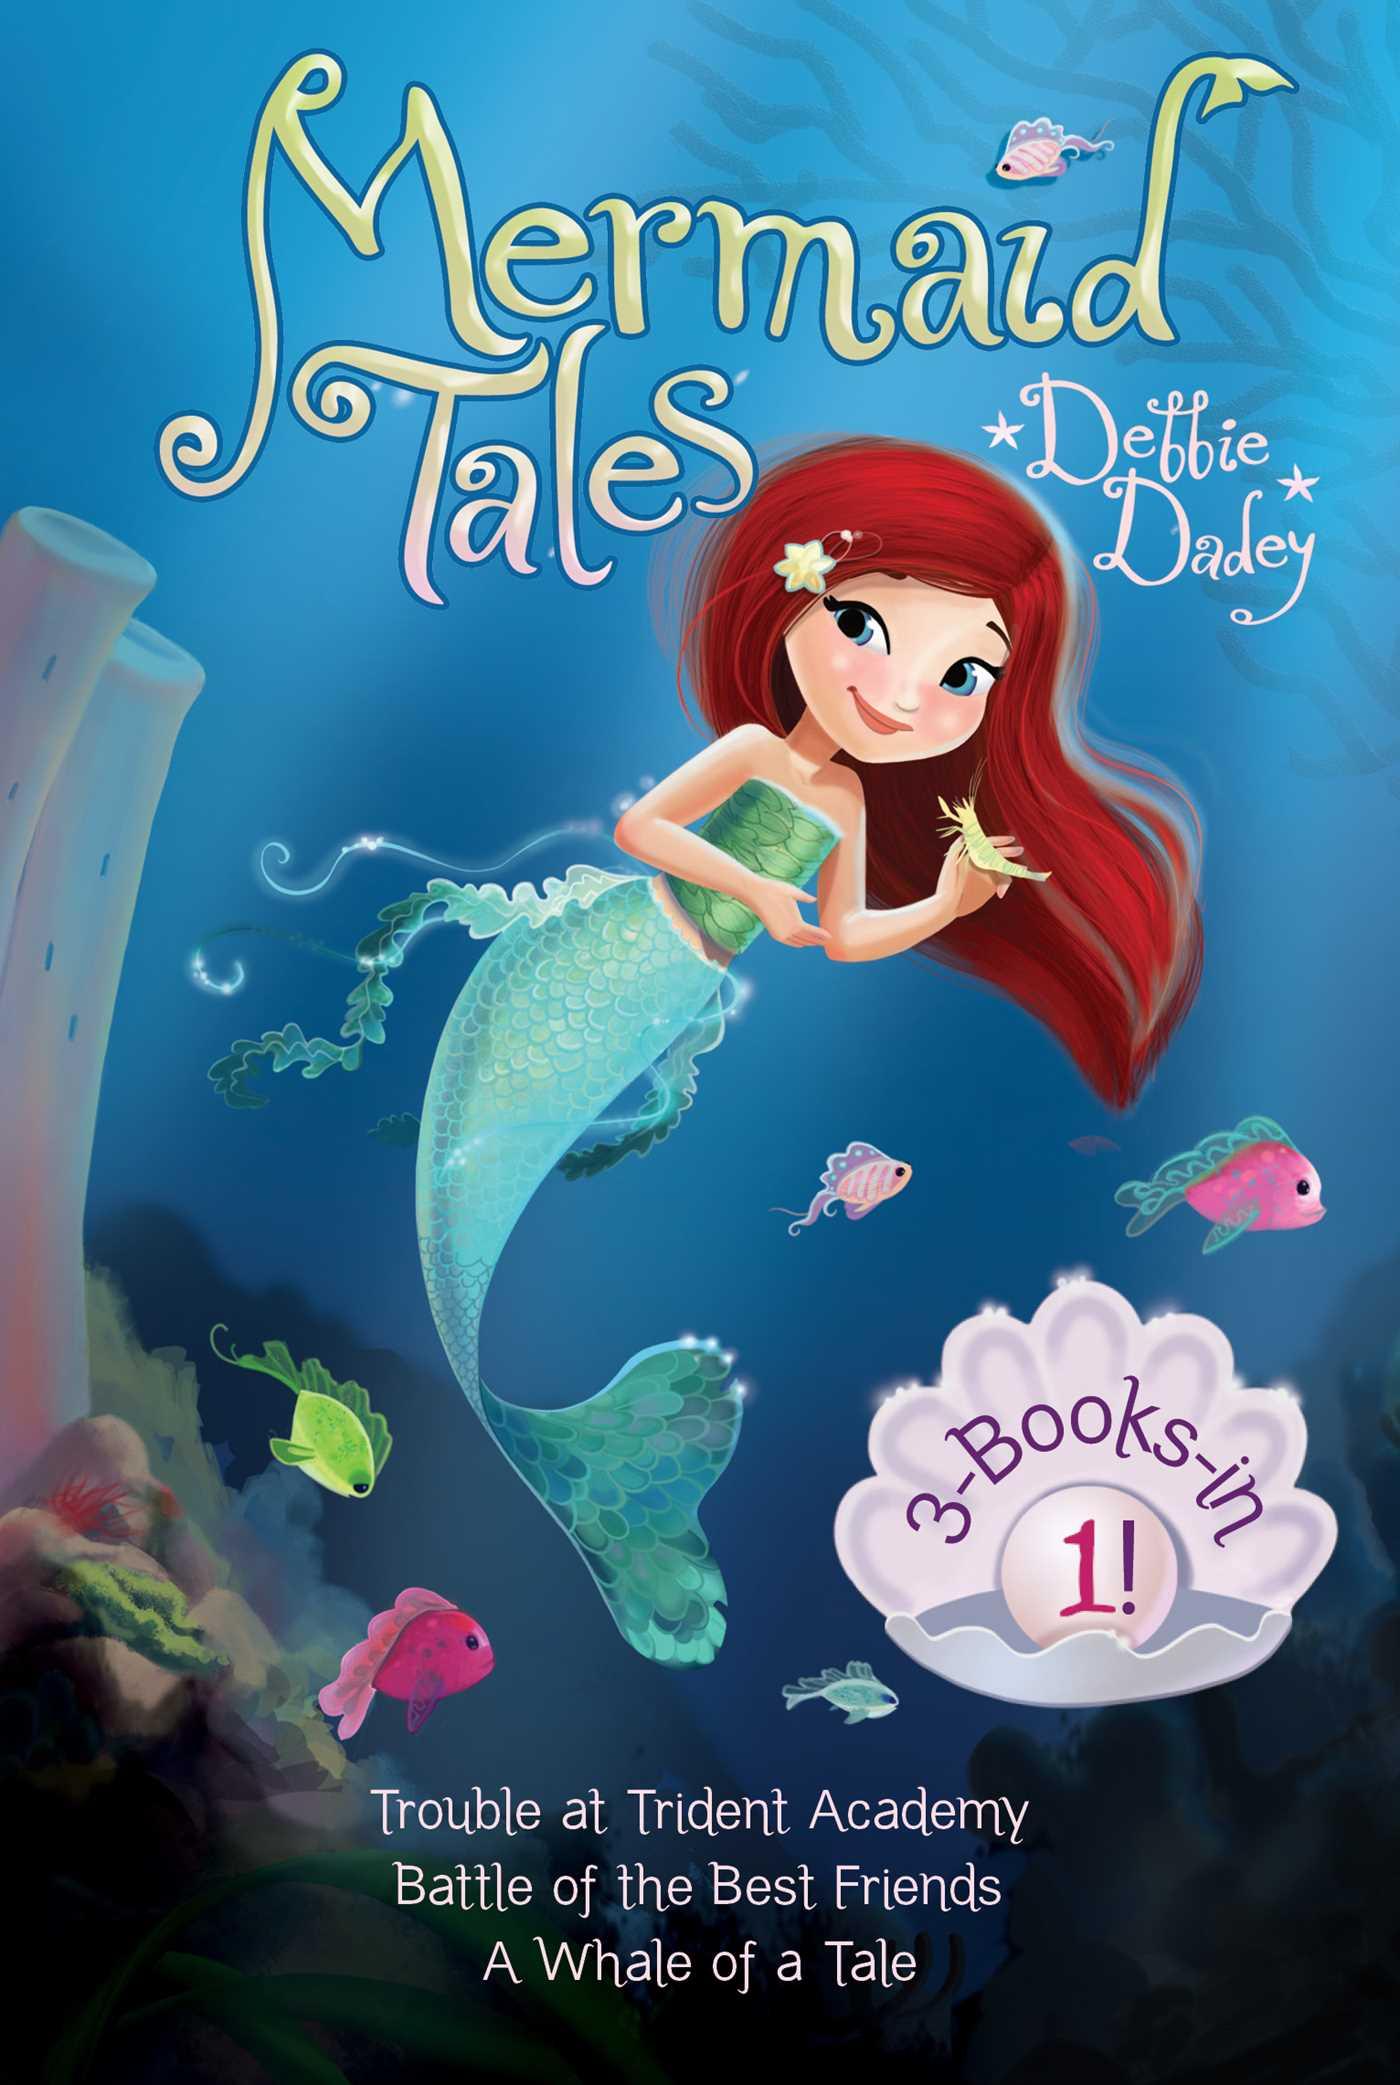 Mermaid tales 3 books in 1 9781481485555 hr